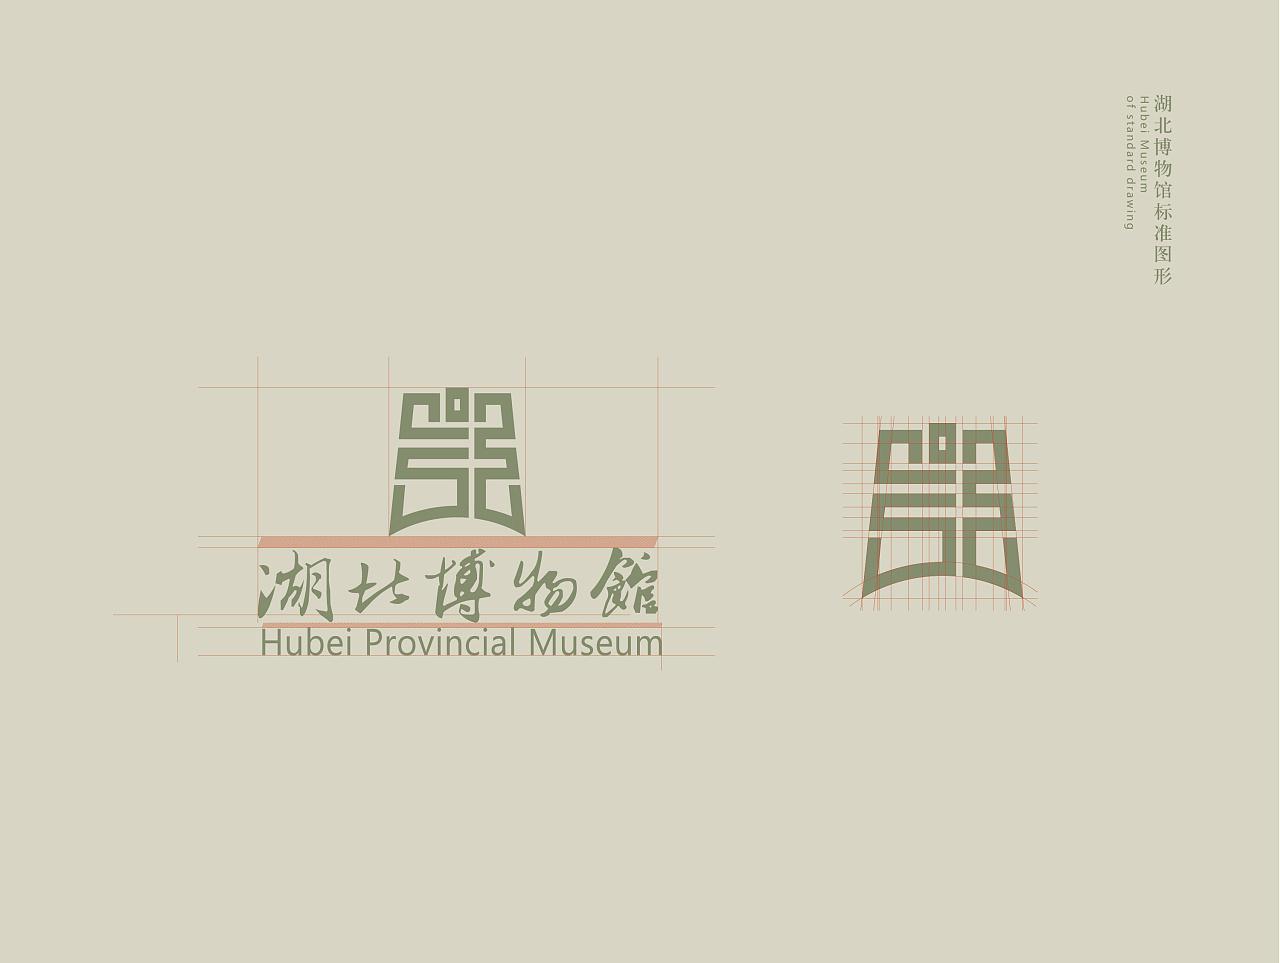 湖北博物馆logo征集